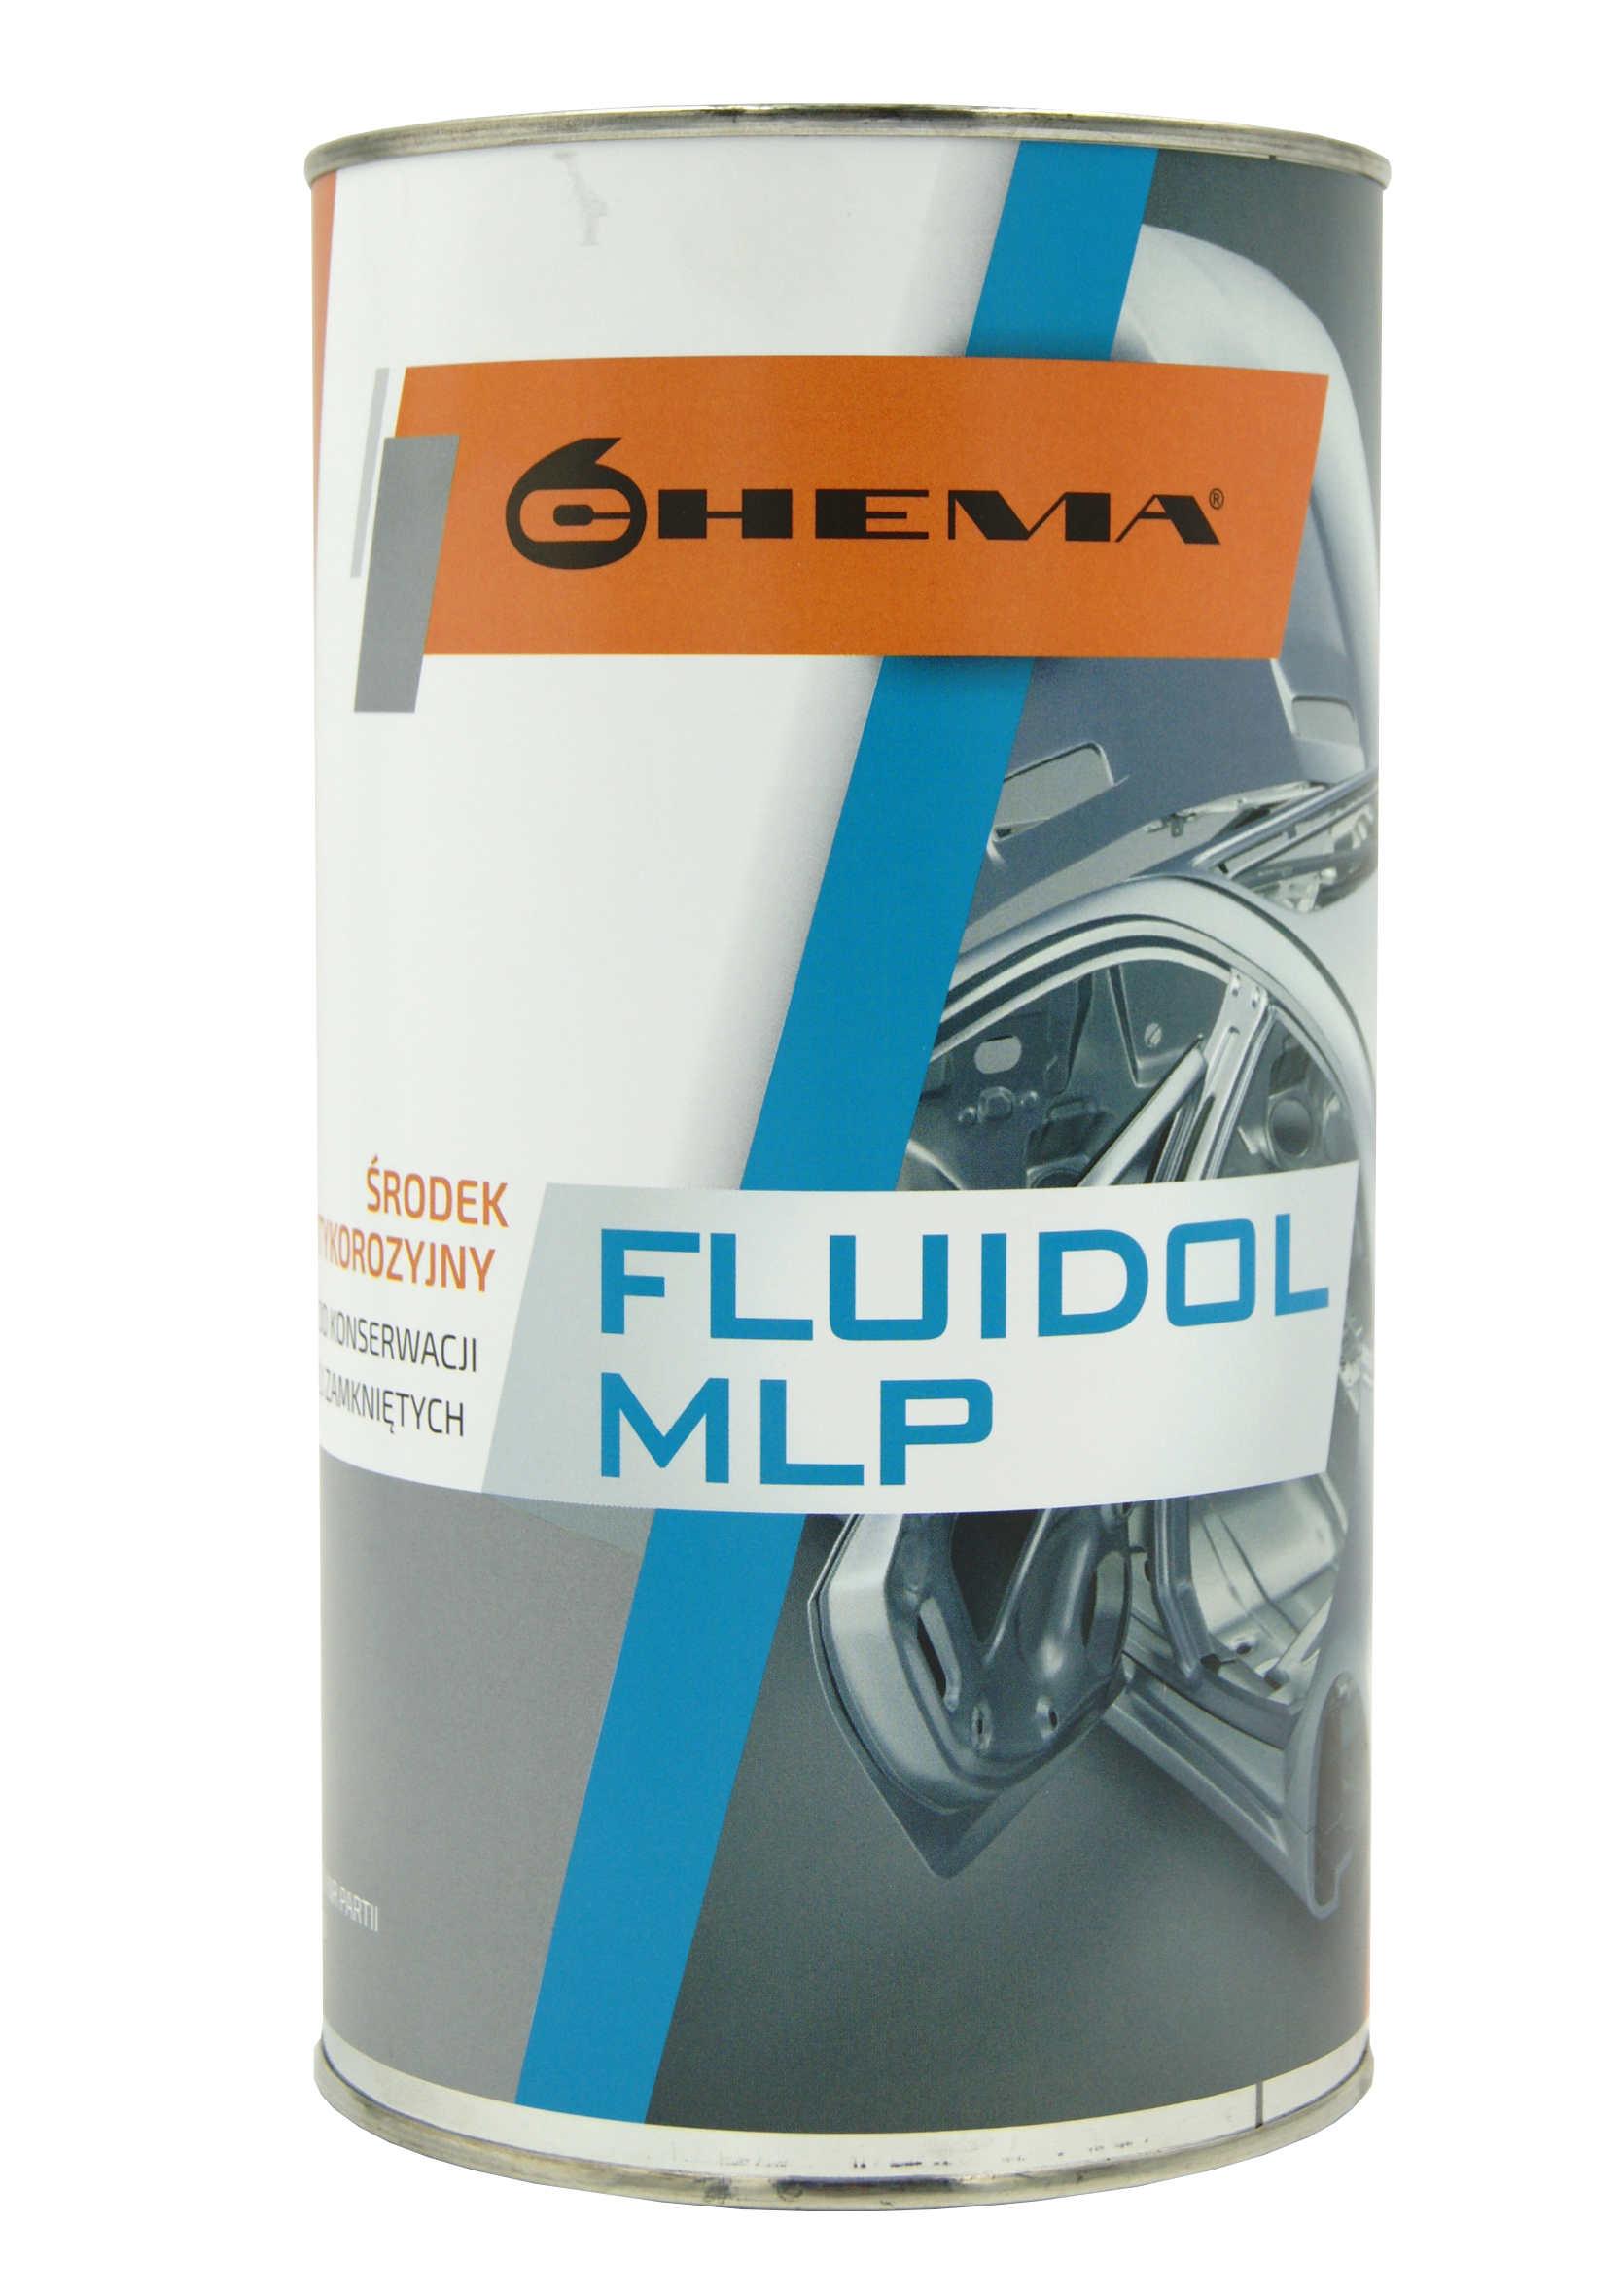 Fluidol MLP 1.5L Środek do Ochrony Profili Zamkniętych